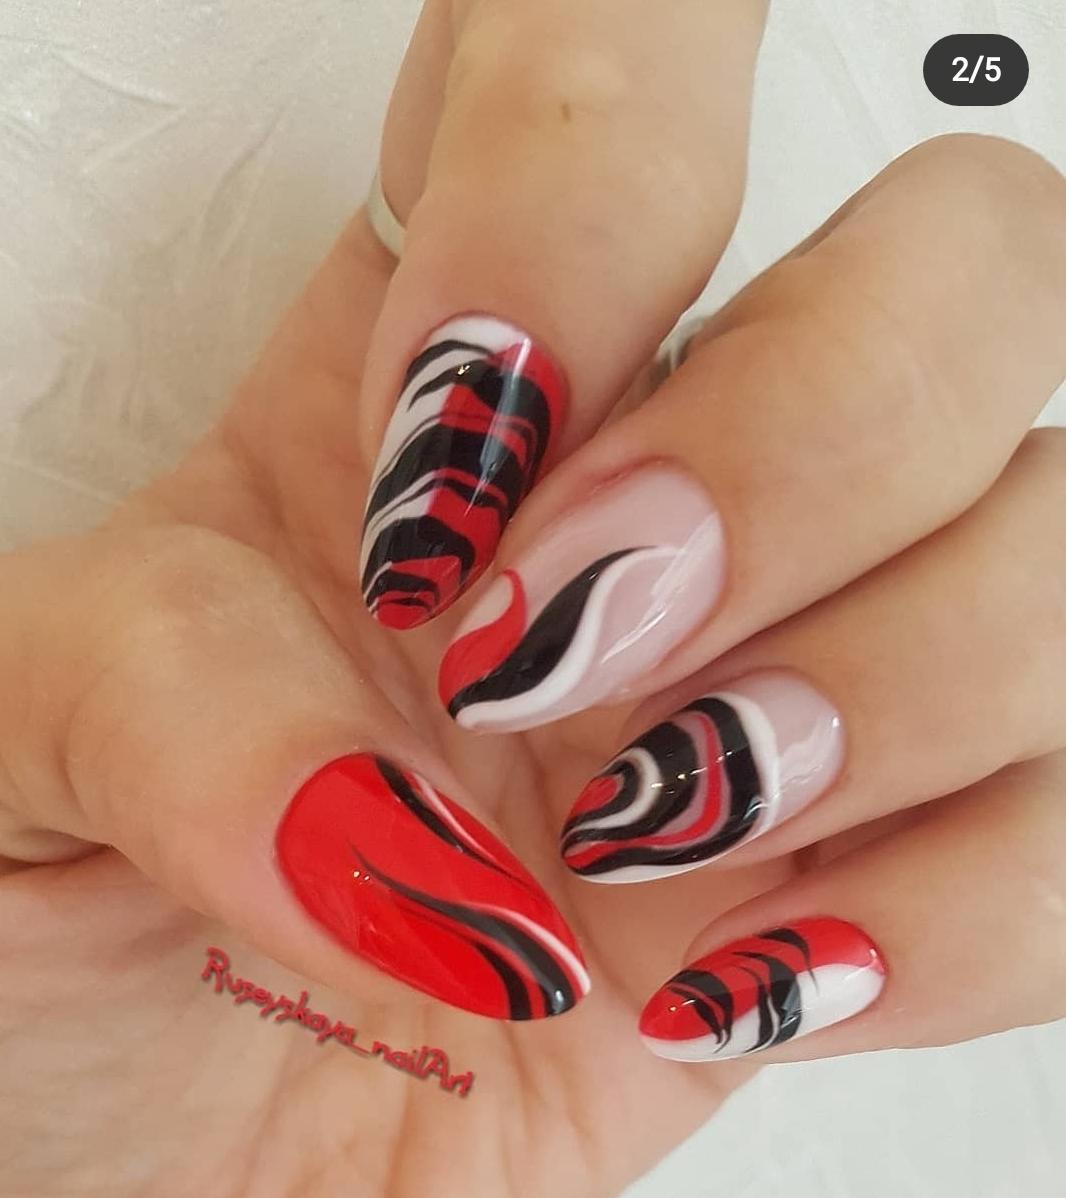 Маникюр с красно-черно-белой абстрактной росписью